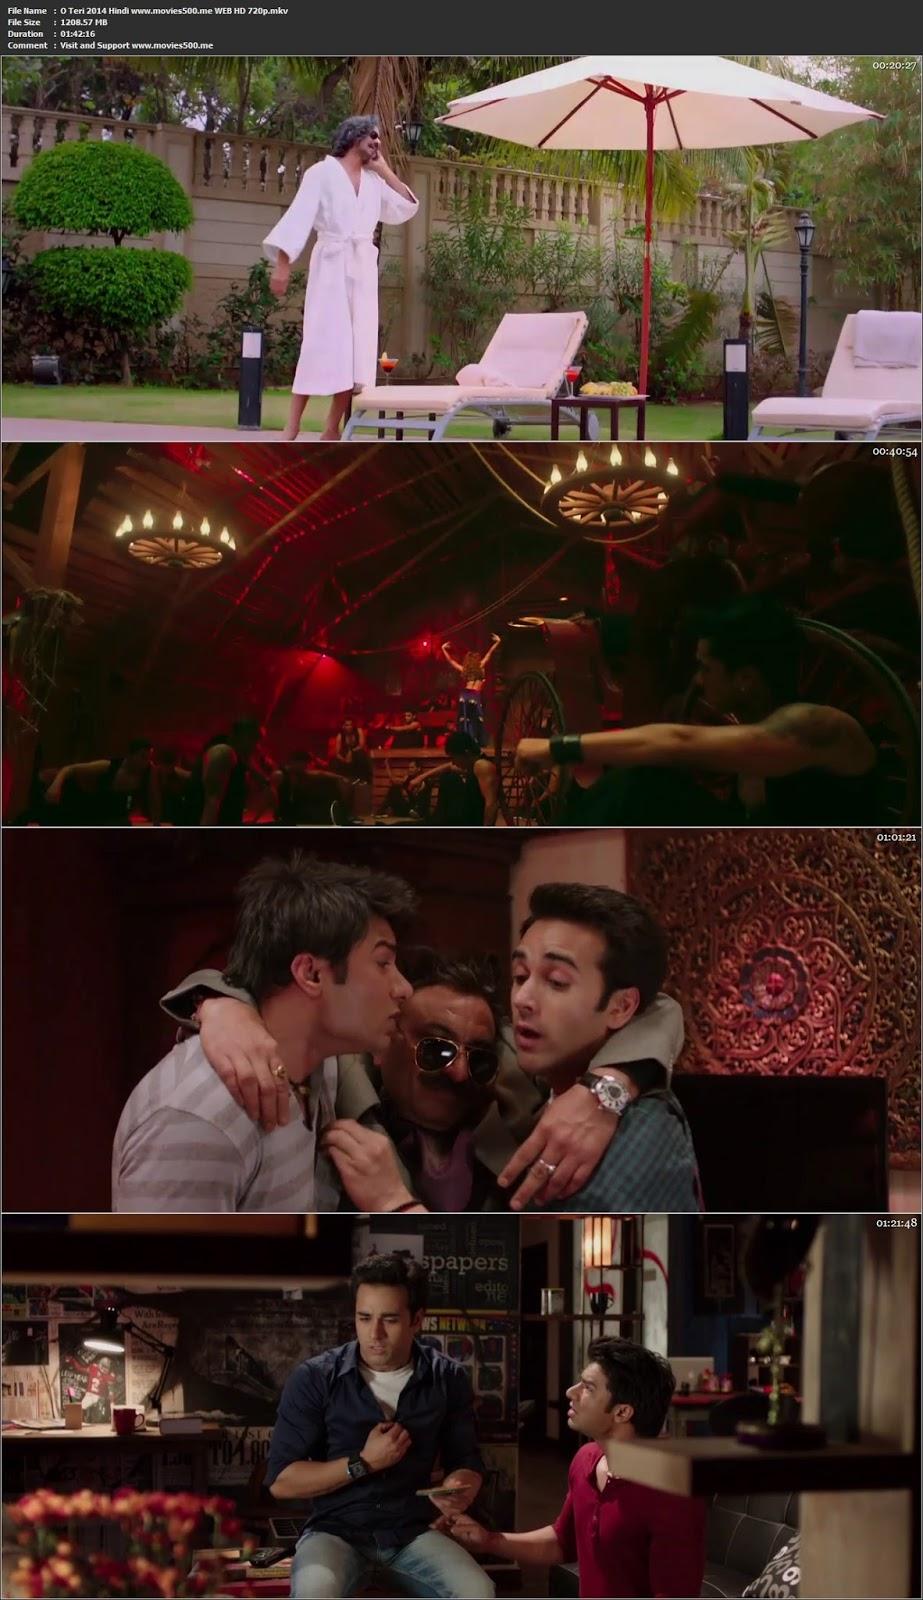 O Teri 2014 Hindi Full Movie WEB HD 720p at tokenguy.com